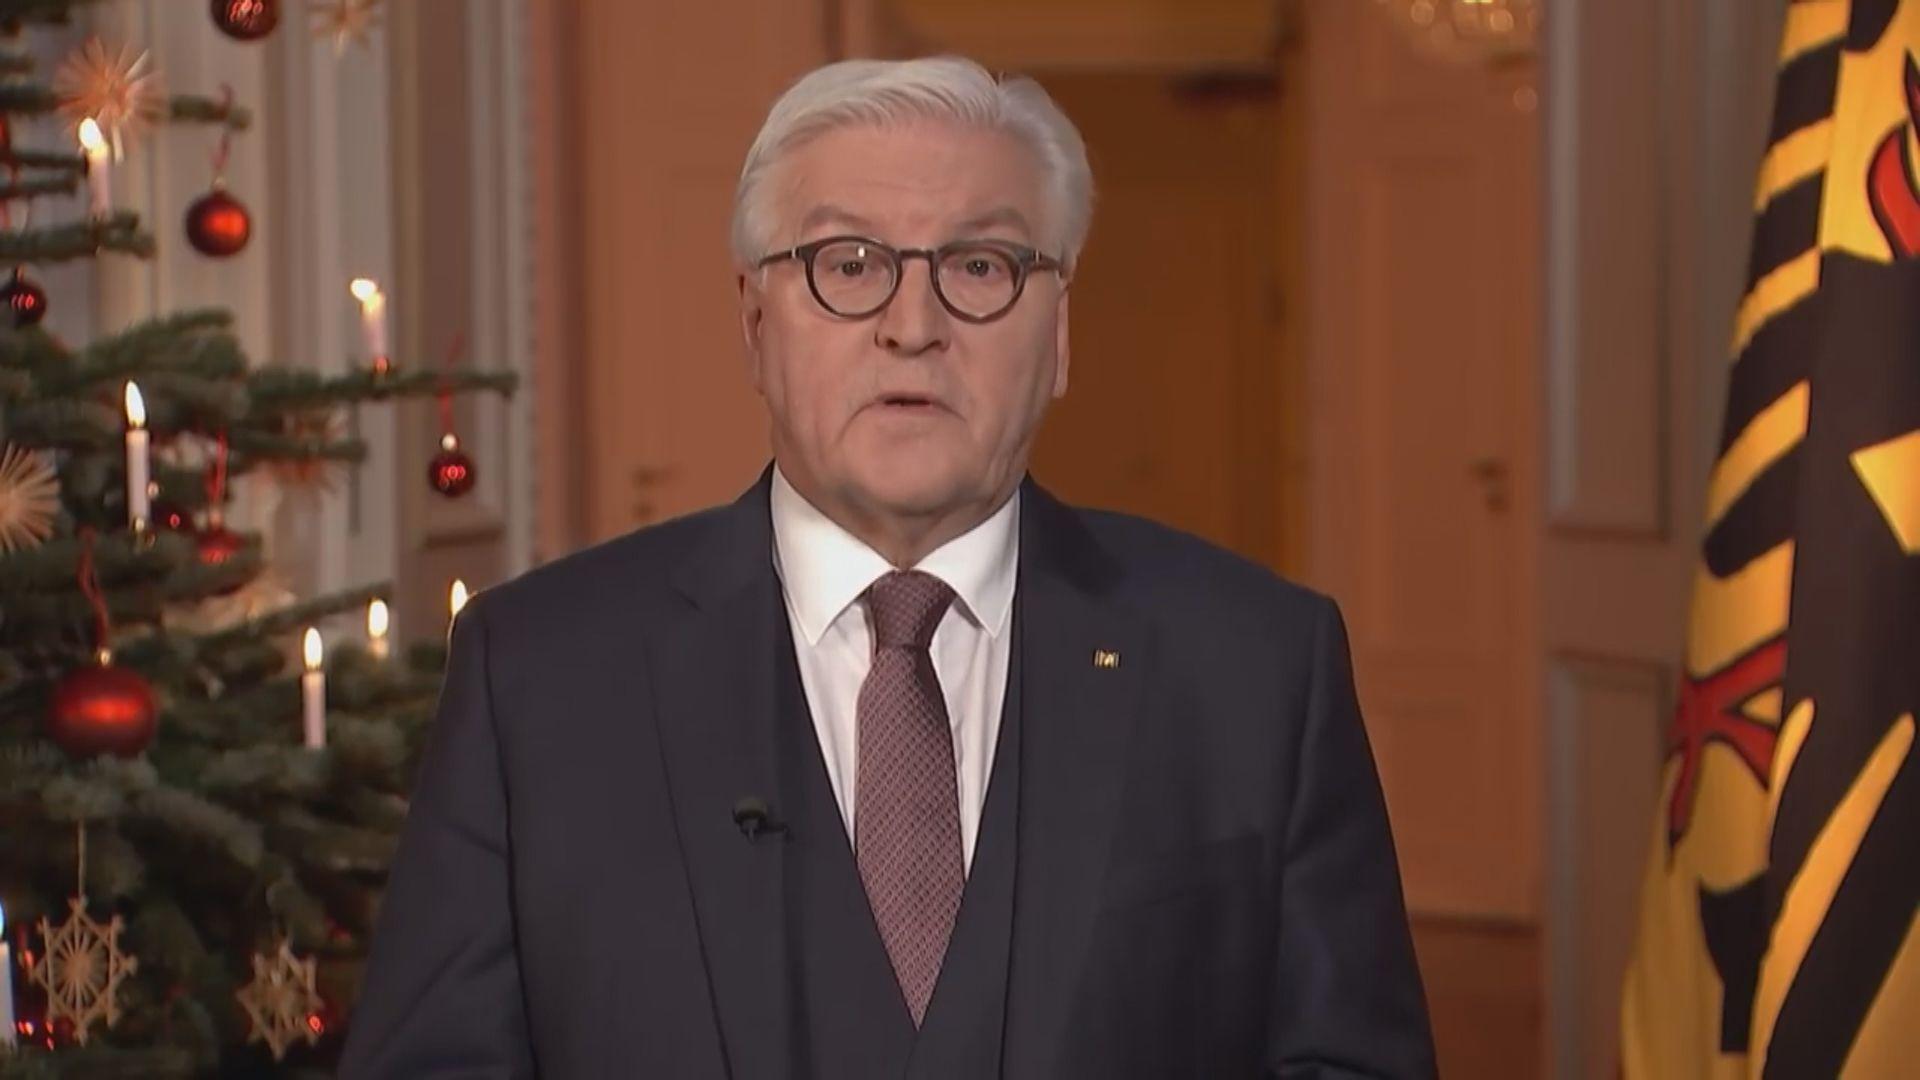 德國總統呼籲抵制歧視仇恨言行